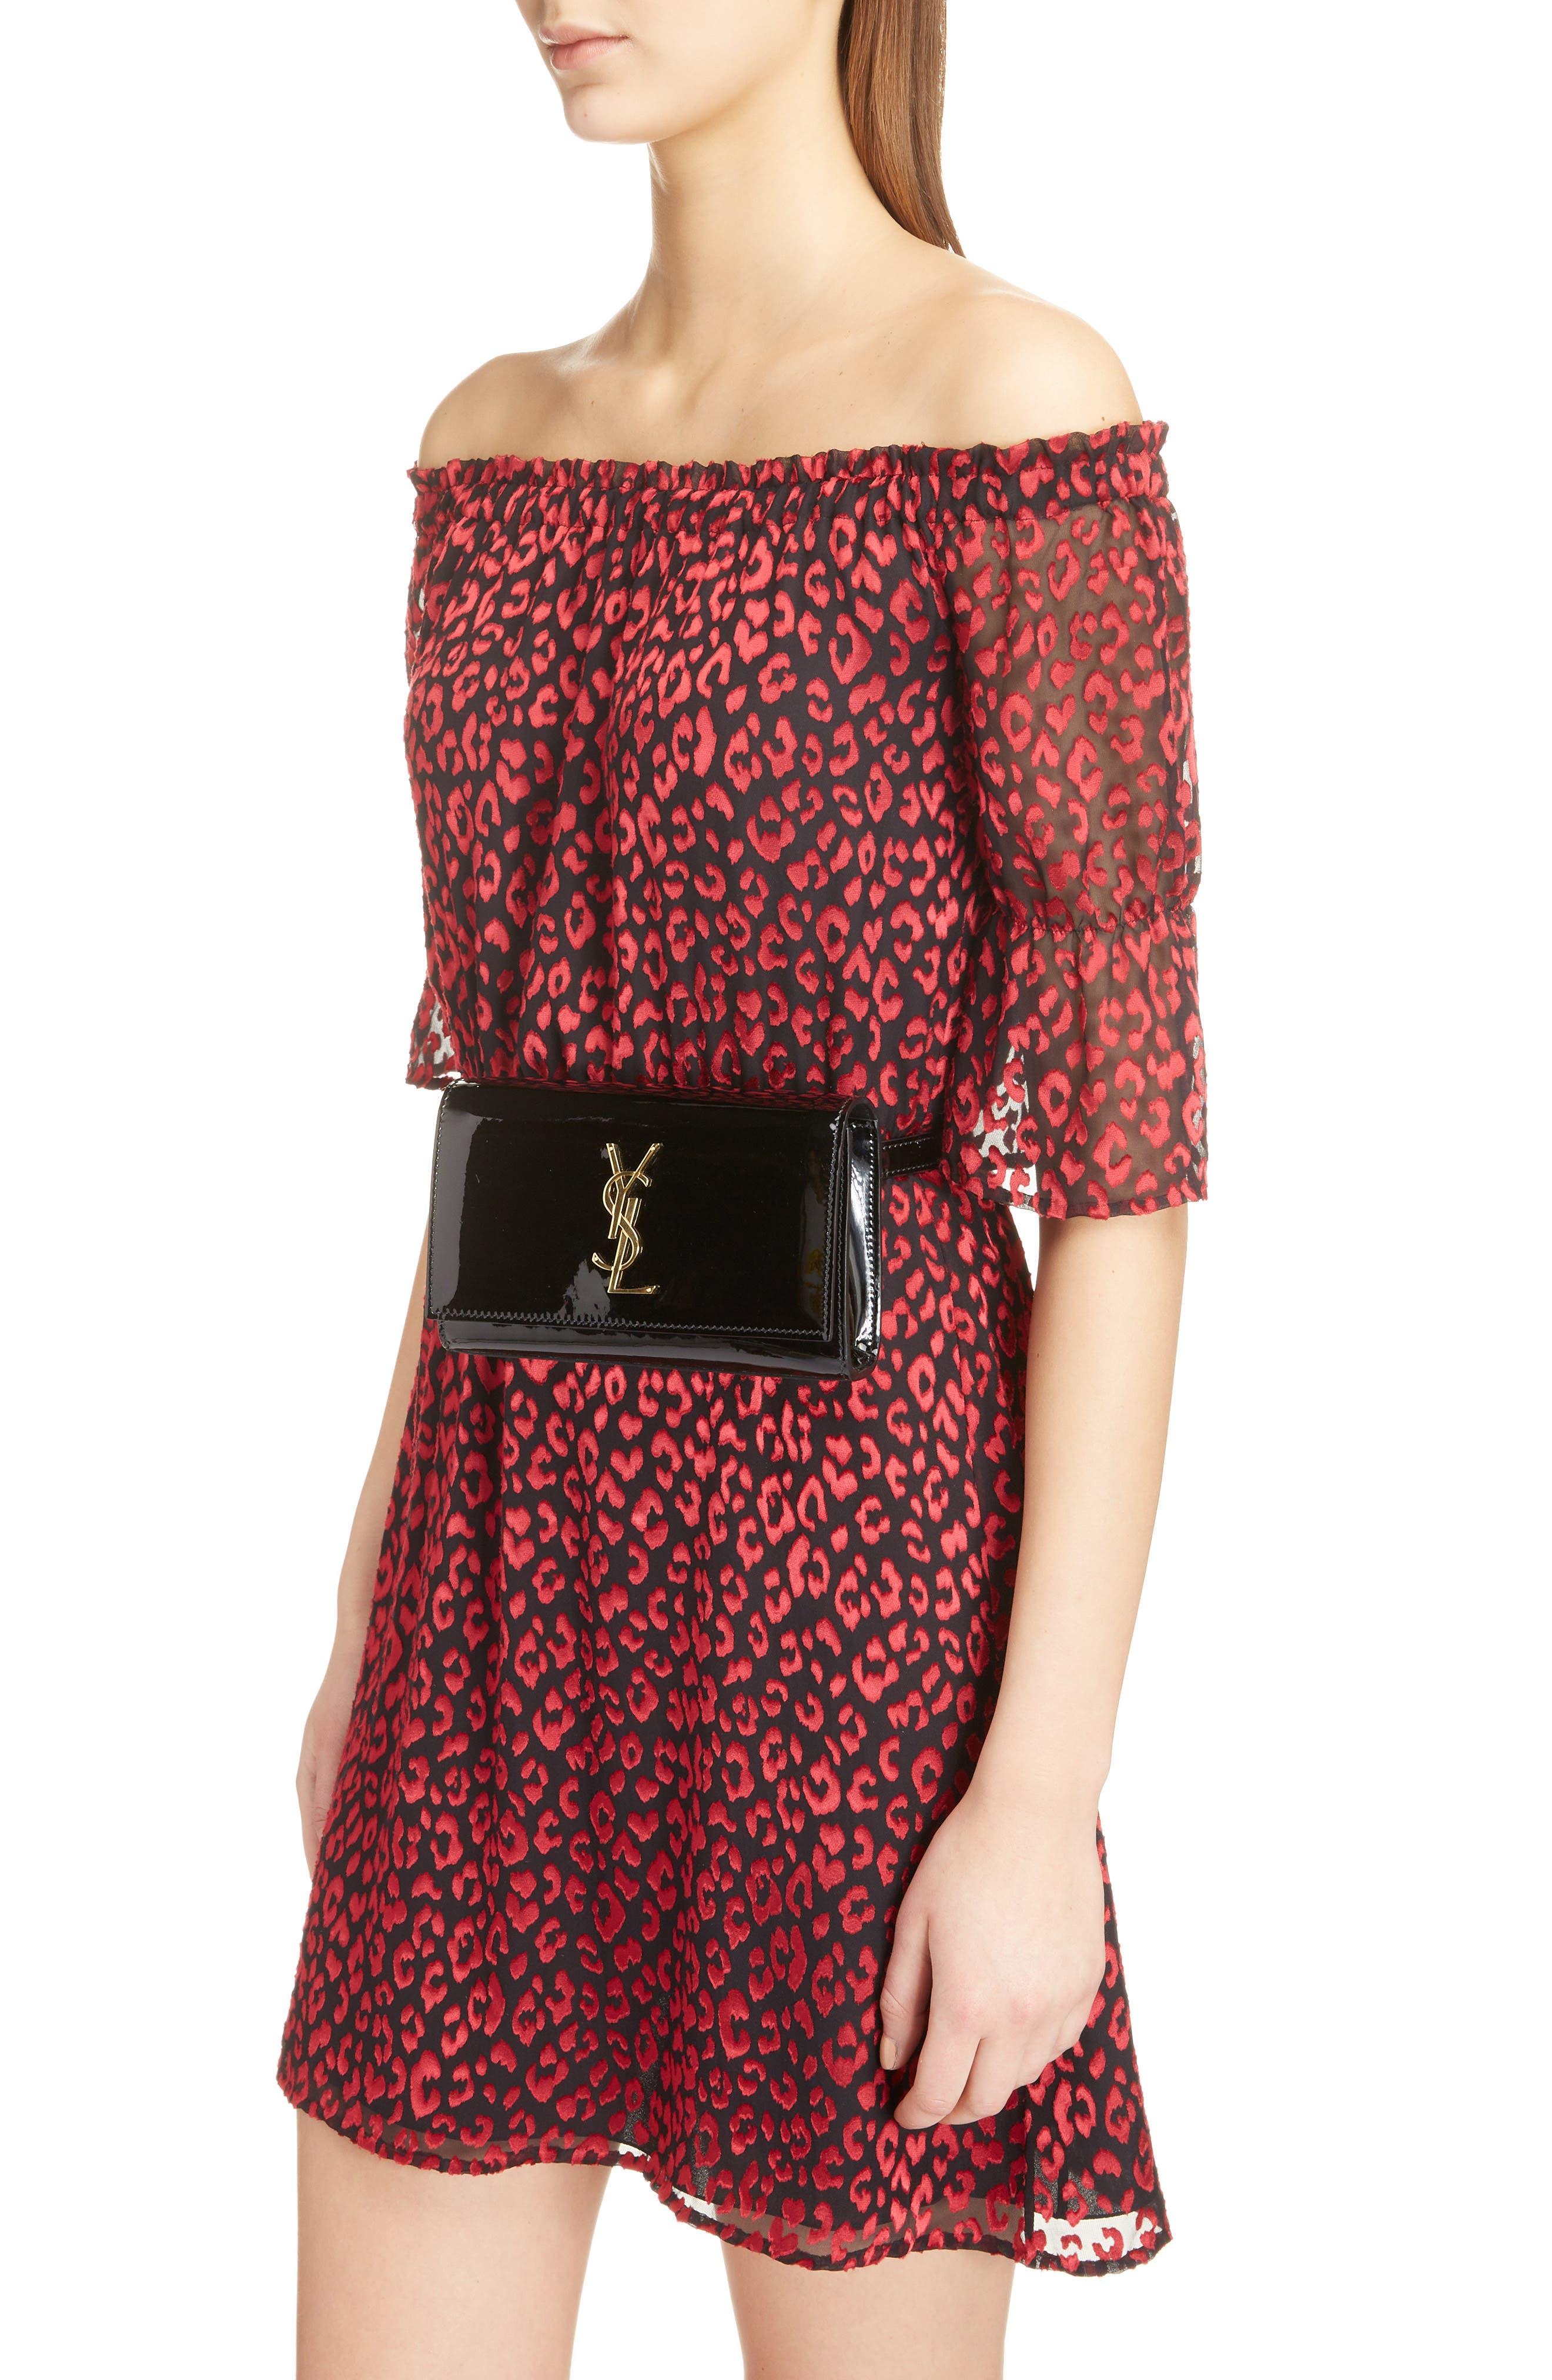 SAINT LAURENT,                             Kate Patent Leather Belt Bag,                             Alternate thumbnail 2, color,                             NOIR